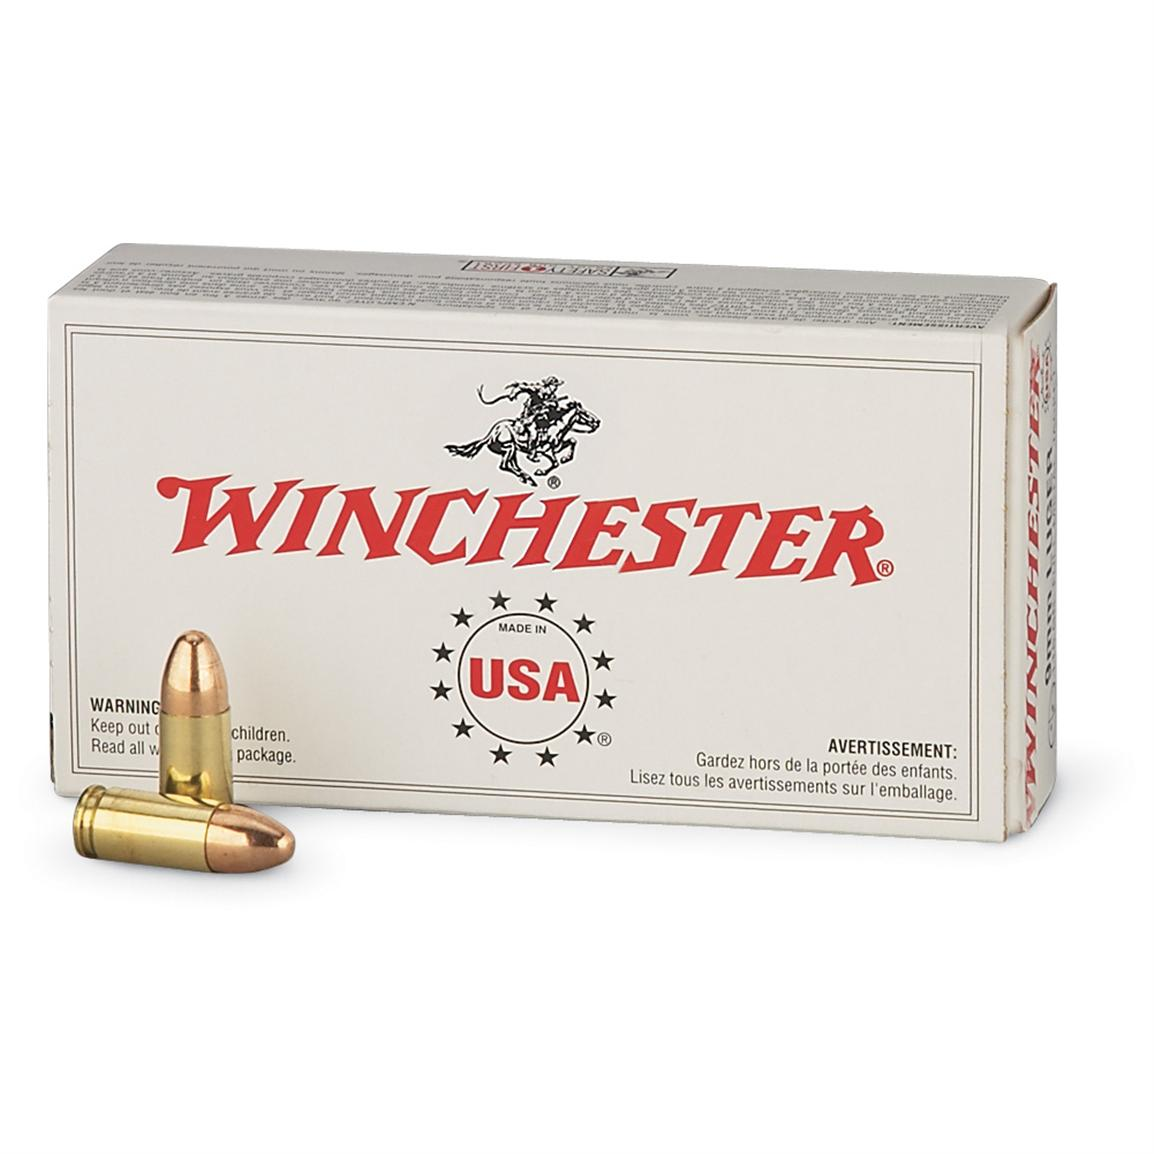 winchester usa pistol .40 s&w 180 grain fmj